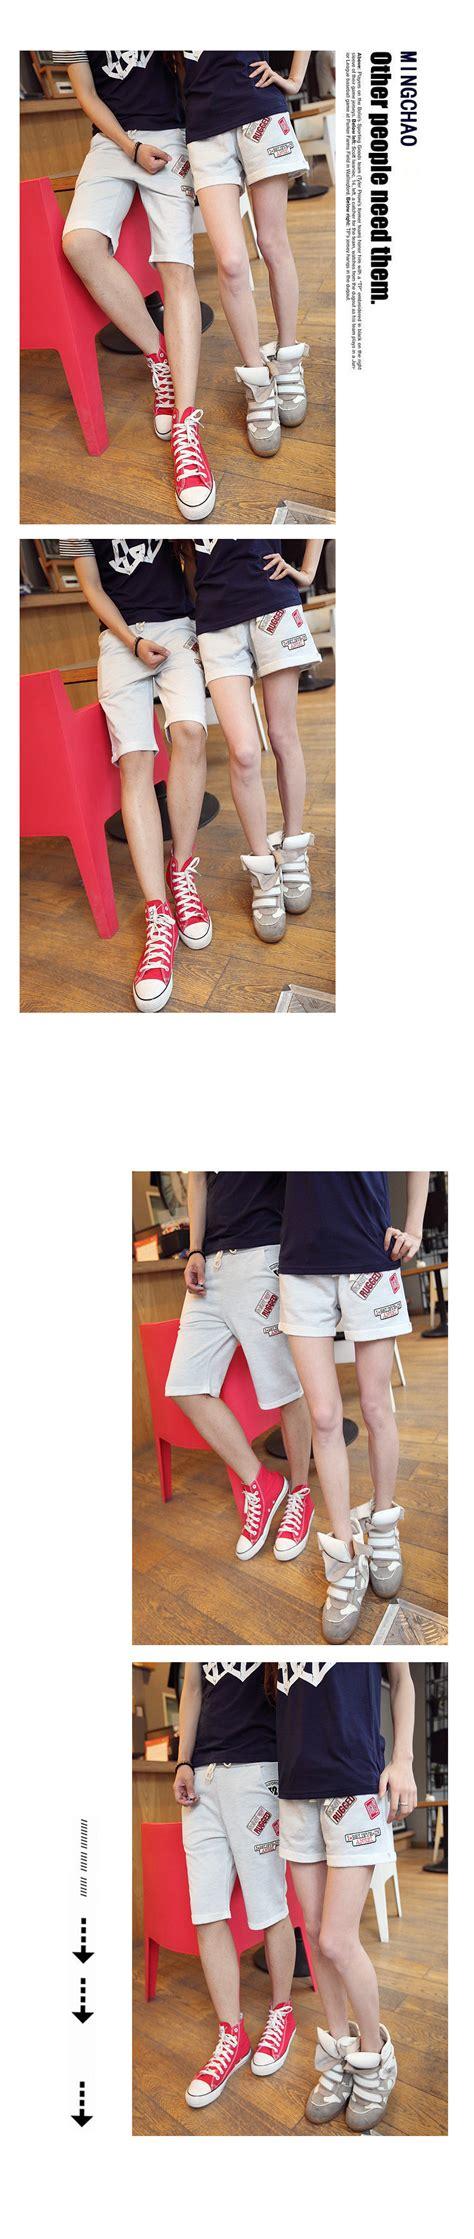 Ransel Wanita Terbaru Kulit Sintetis Fashion Import Korea 51490tck celana korea kc104 darwismarket